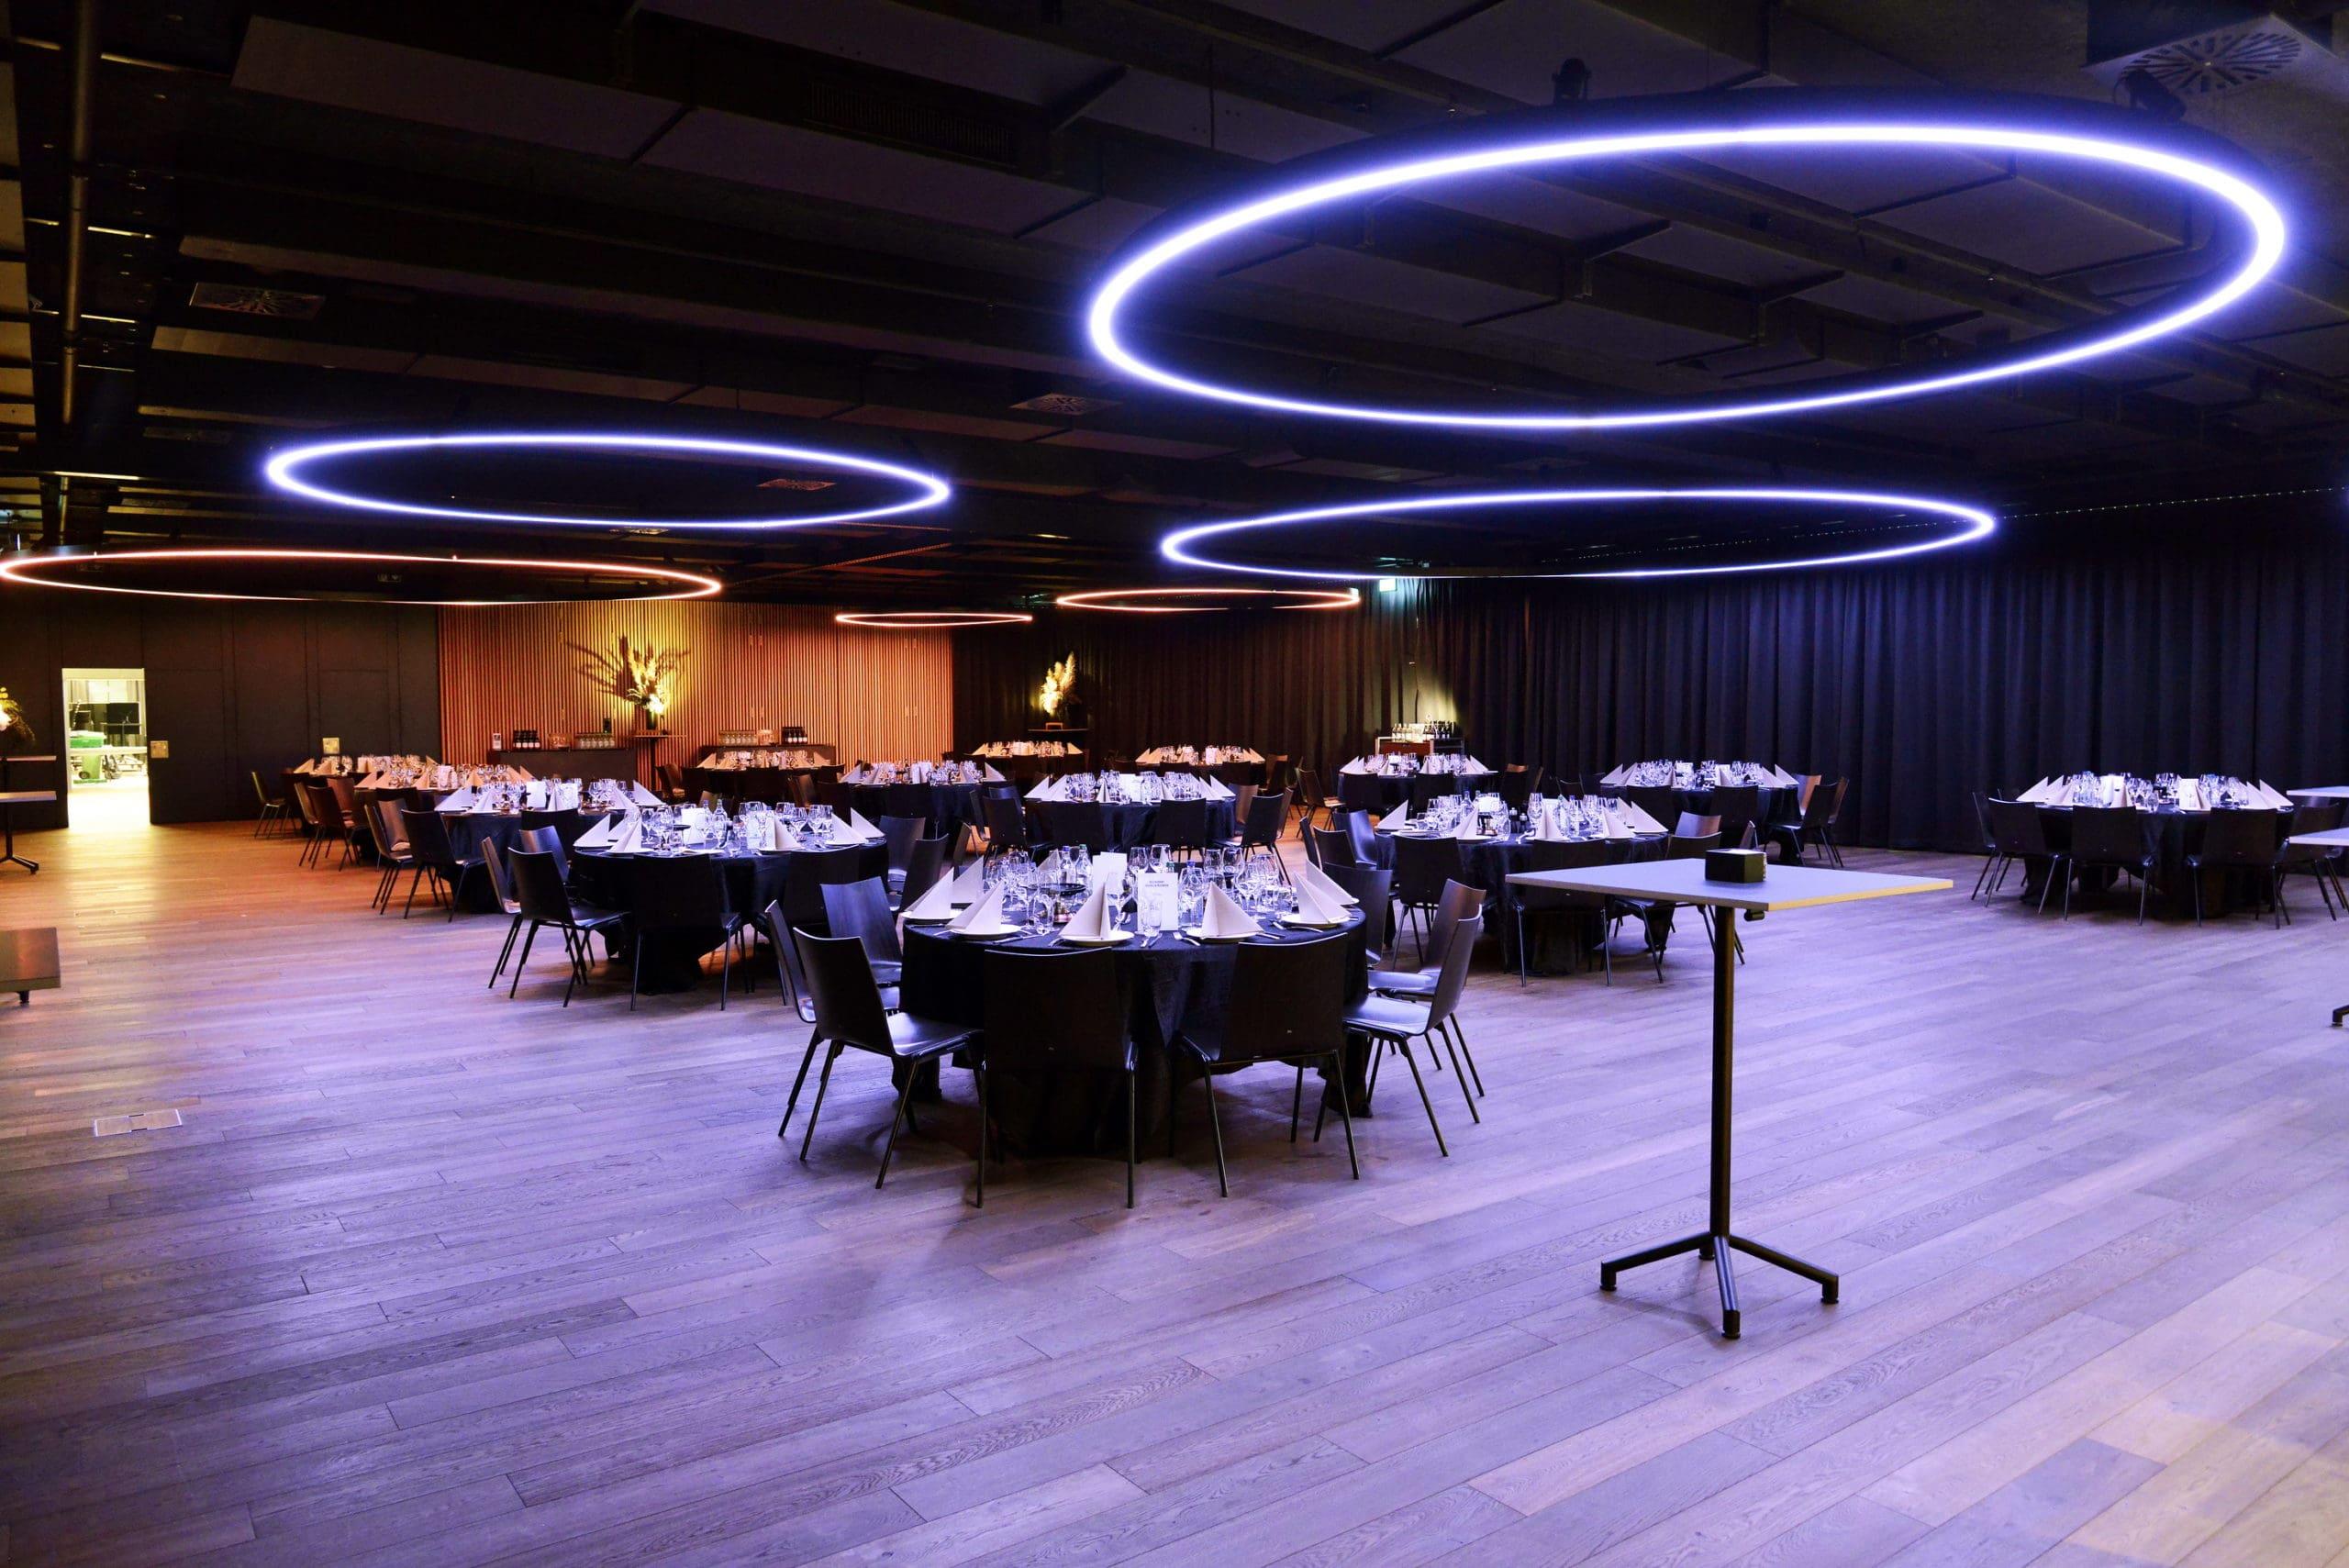 Espace capitale olympique de la Vaudoise aréna, mise en place banquet